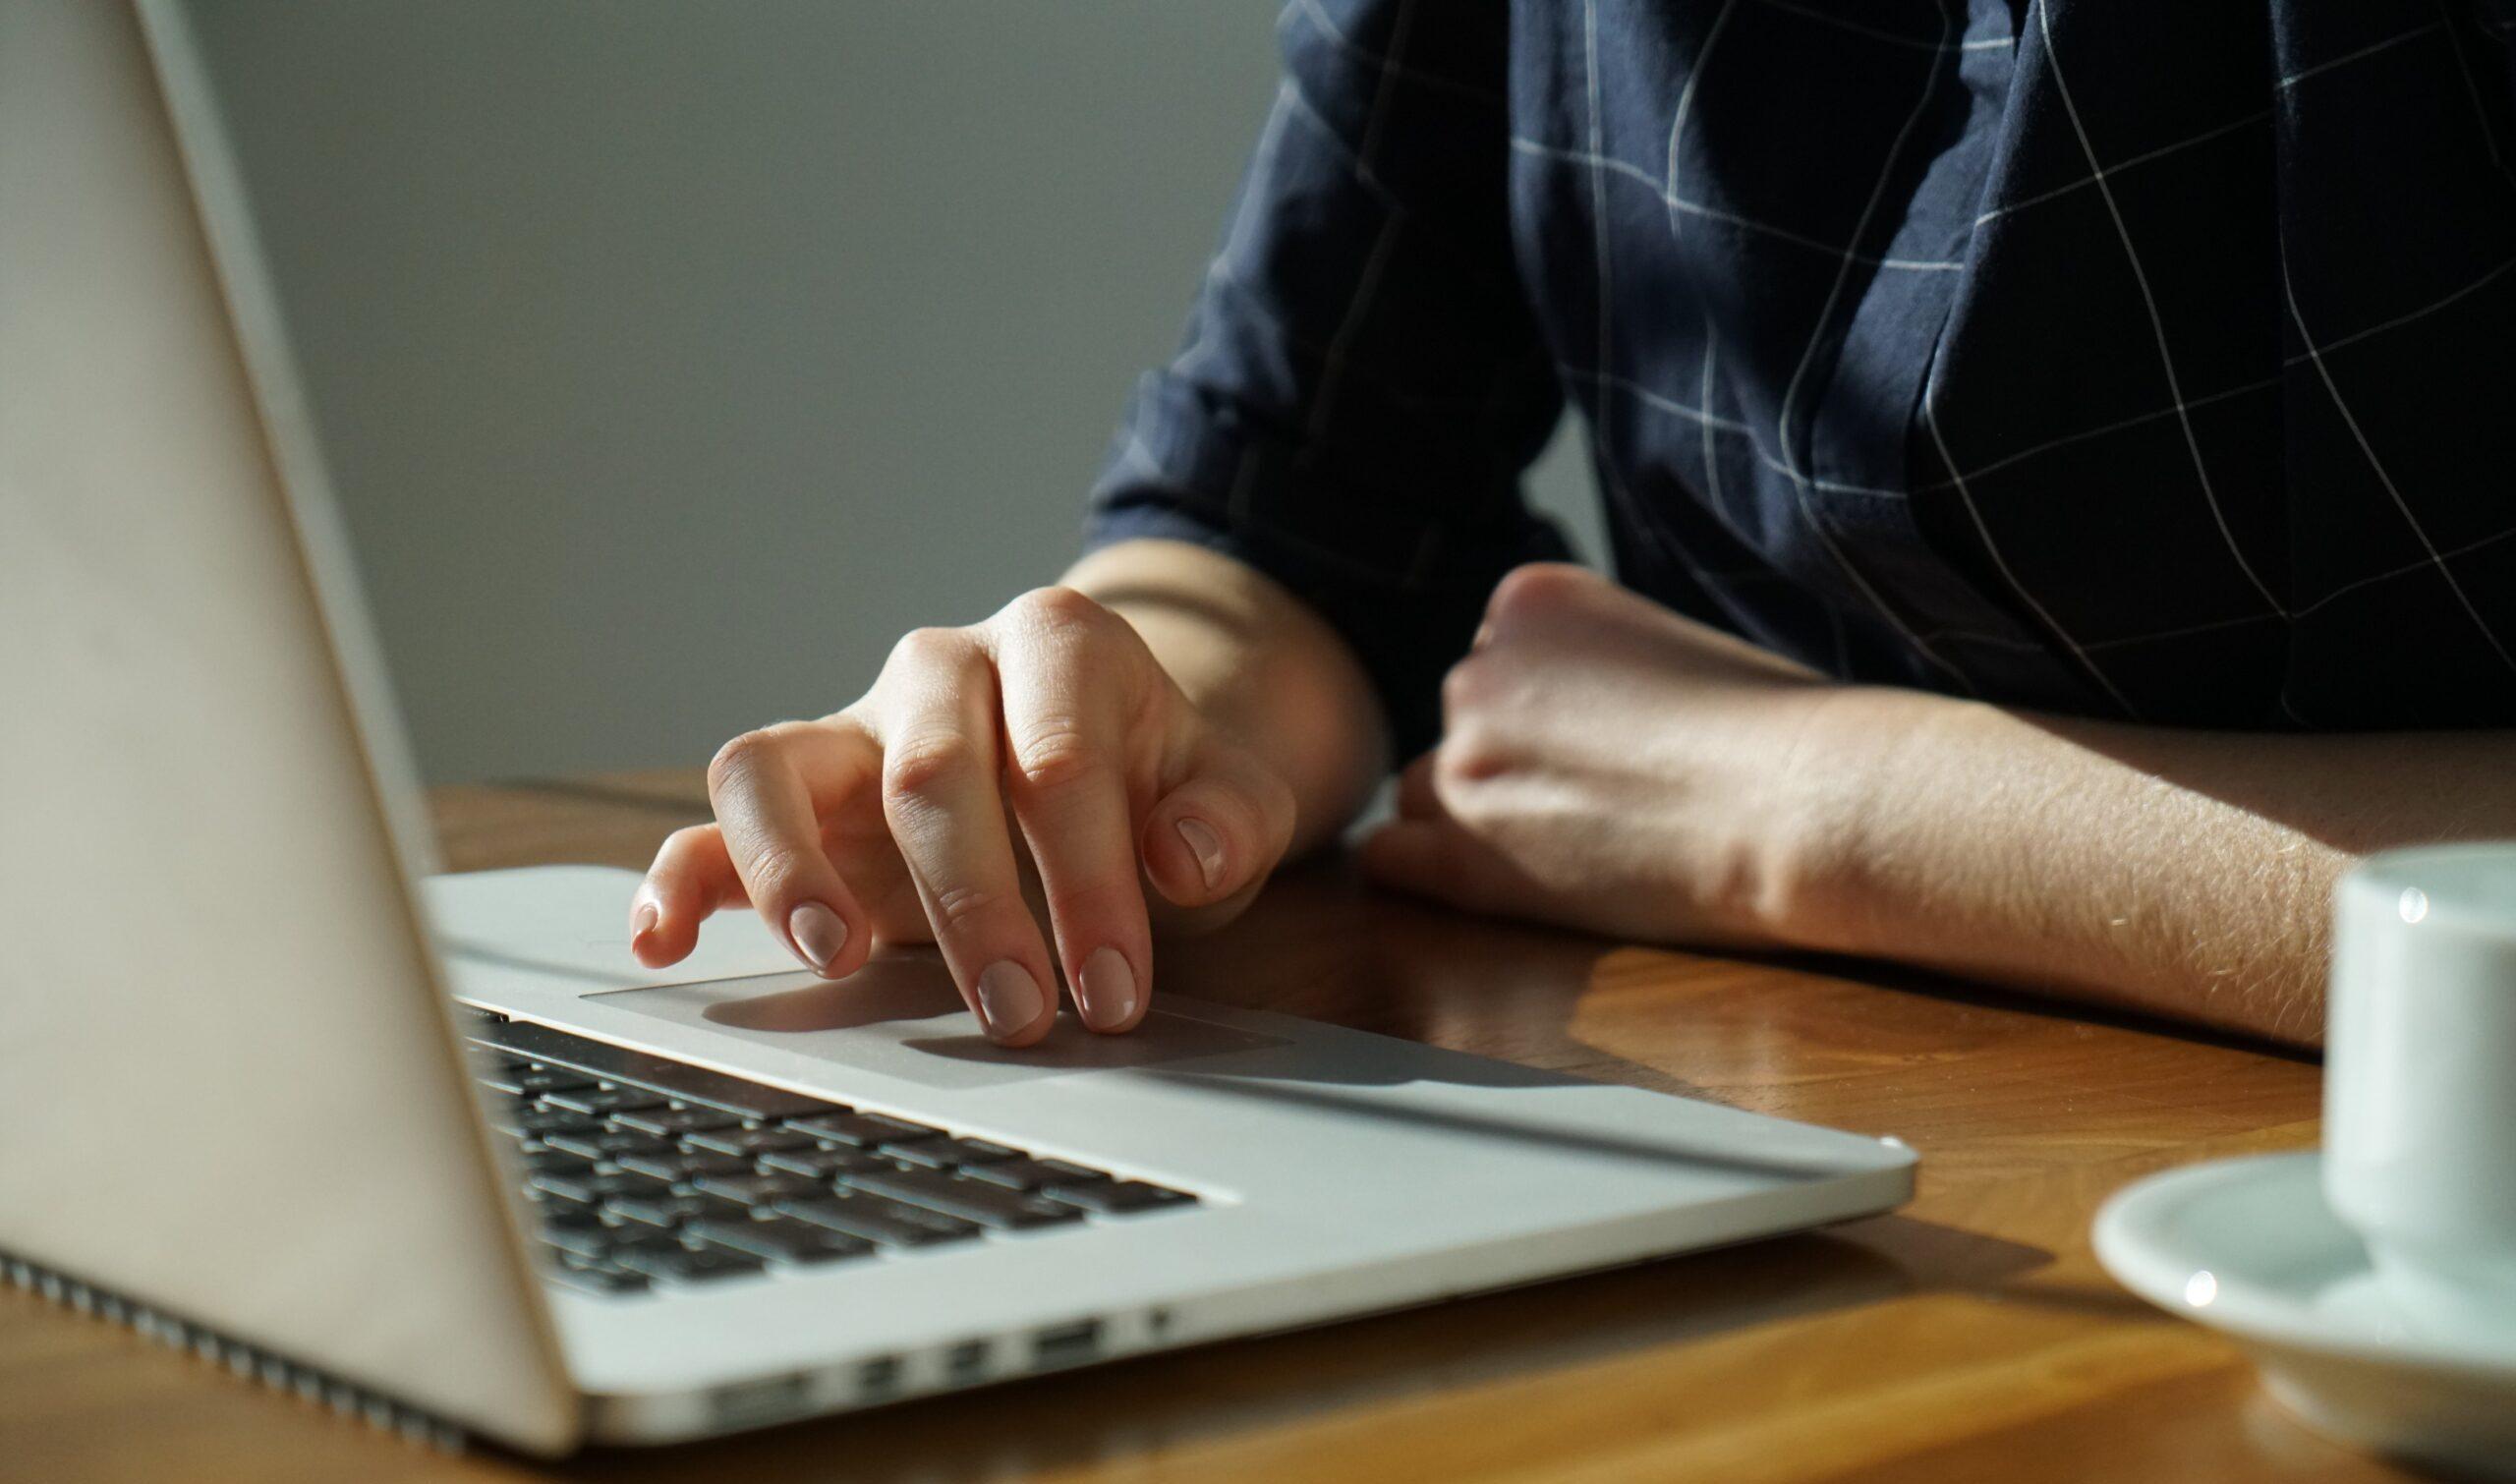 パソコンで考えている人の画像